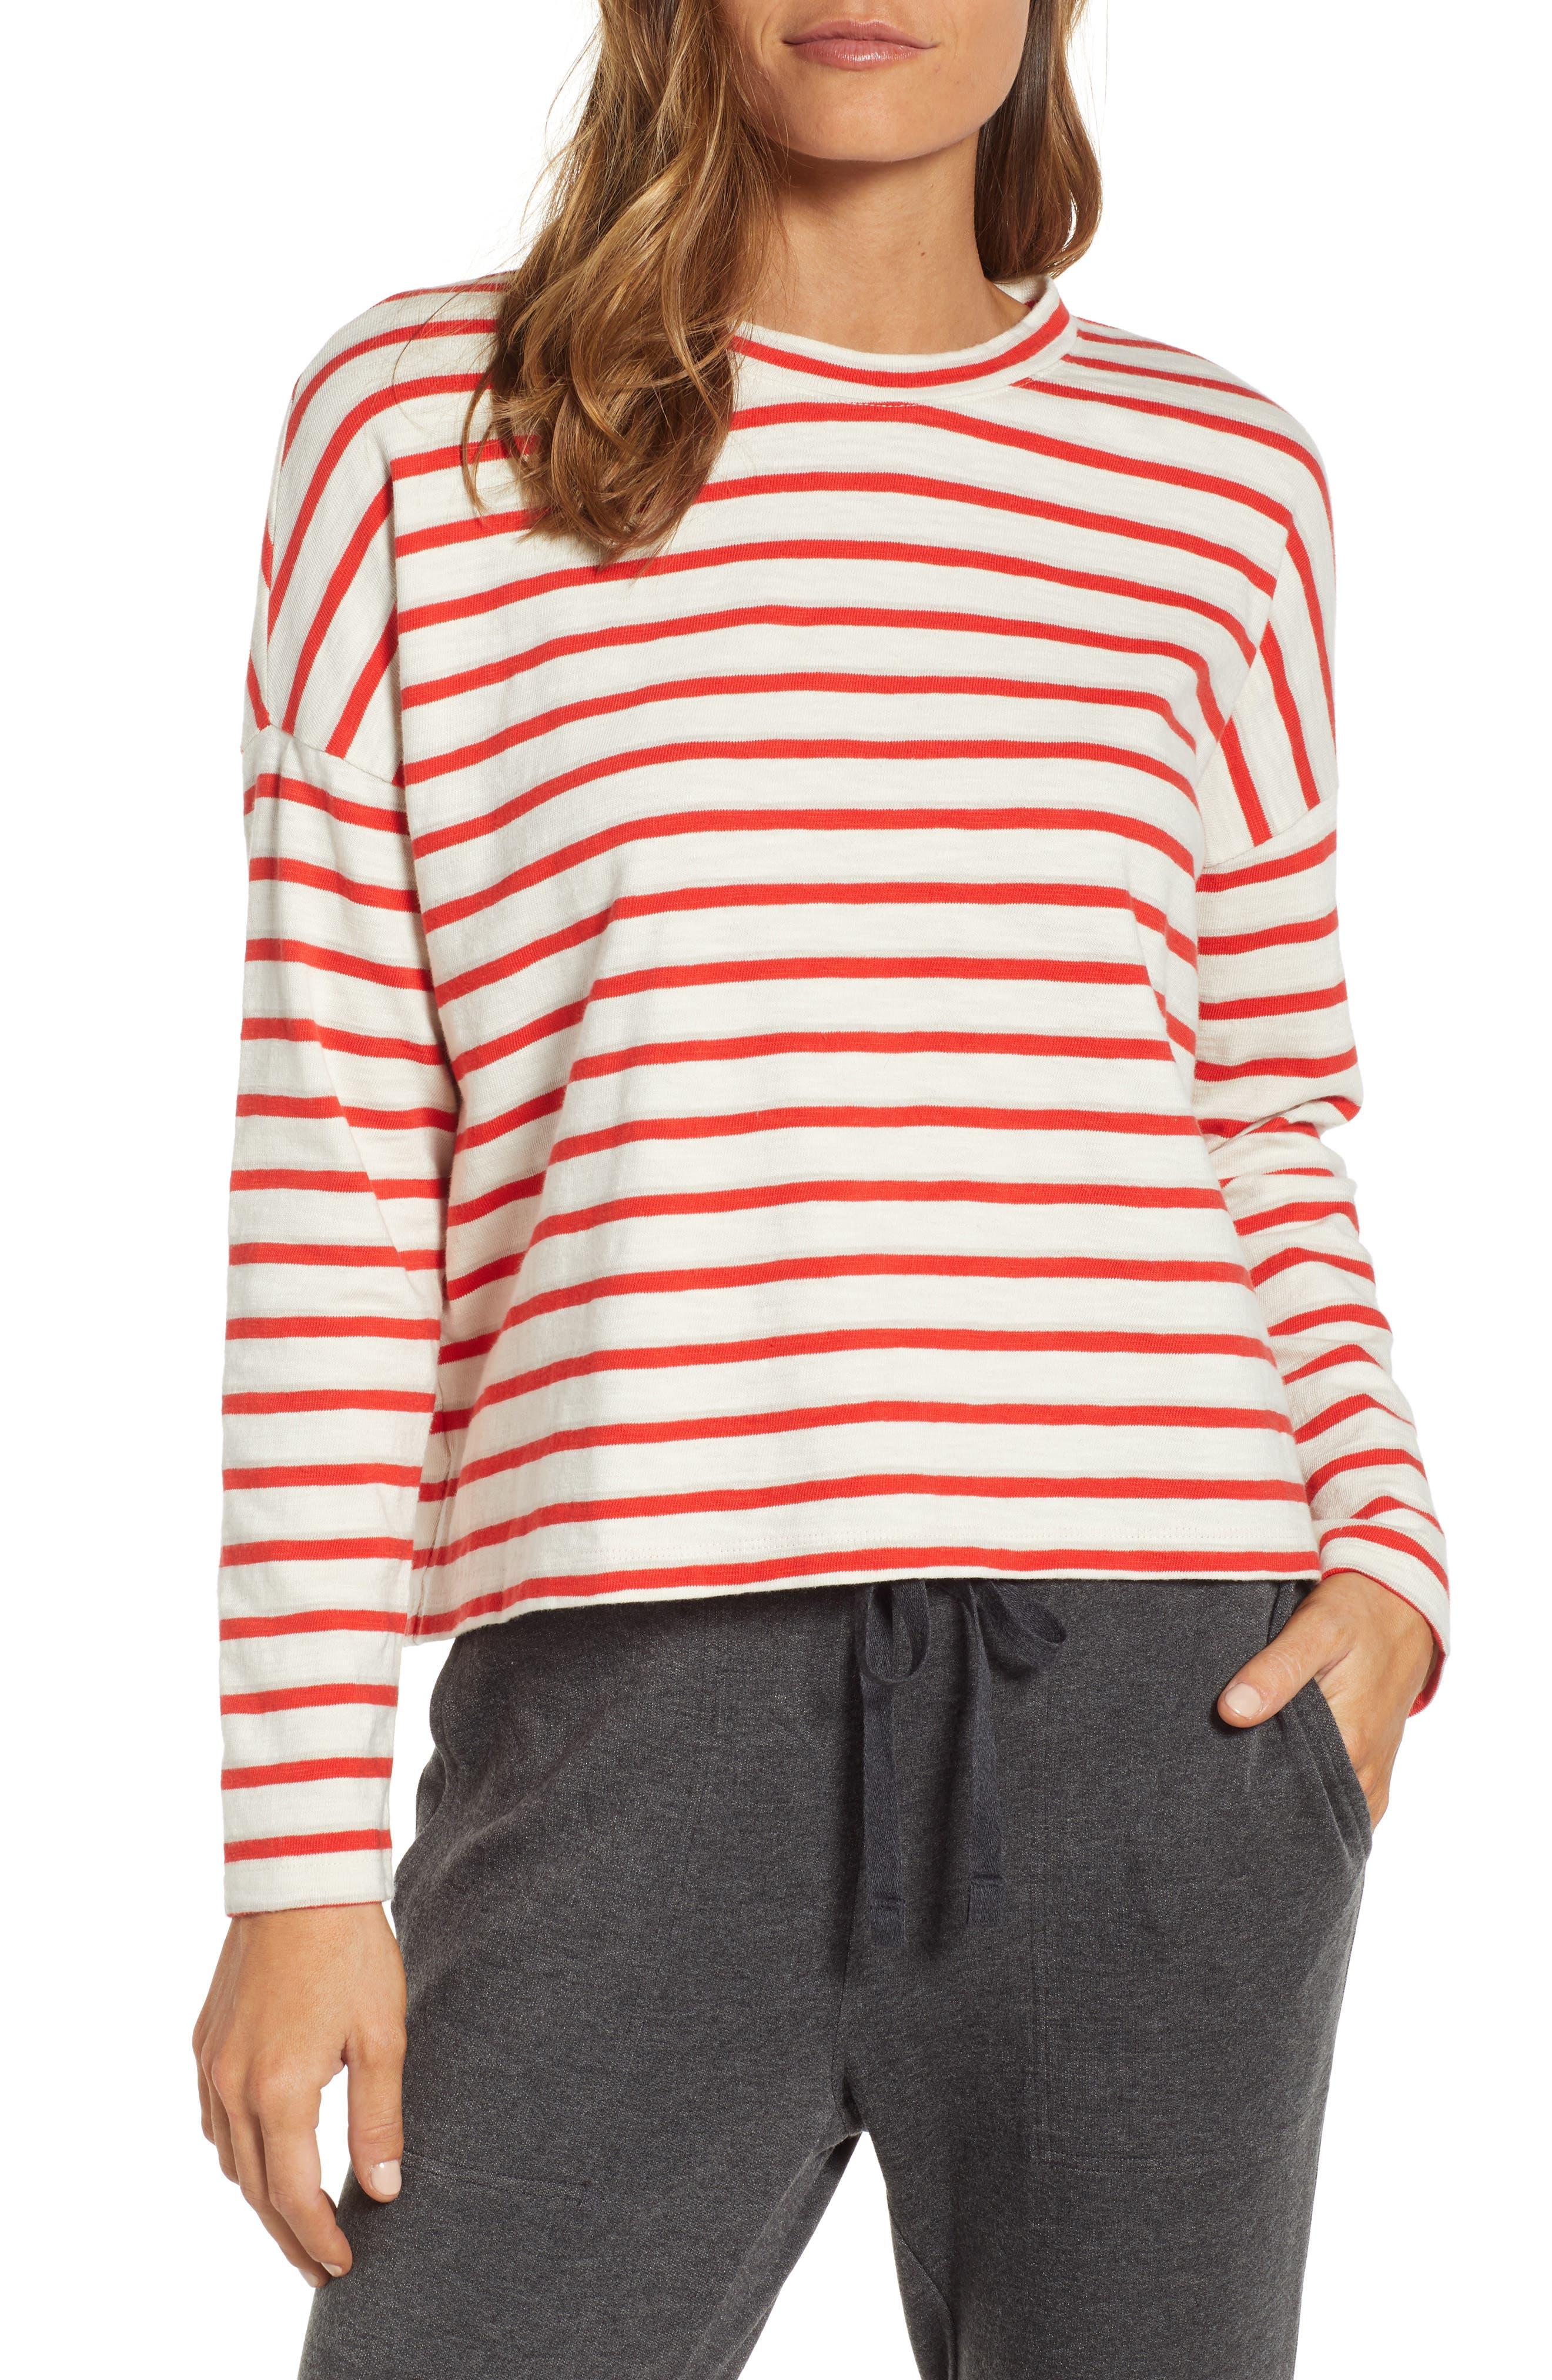 Bonnie Stripe Cotton Top, Main, color, 600